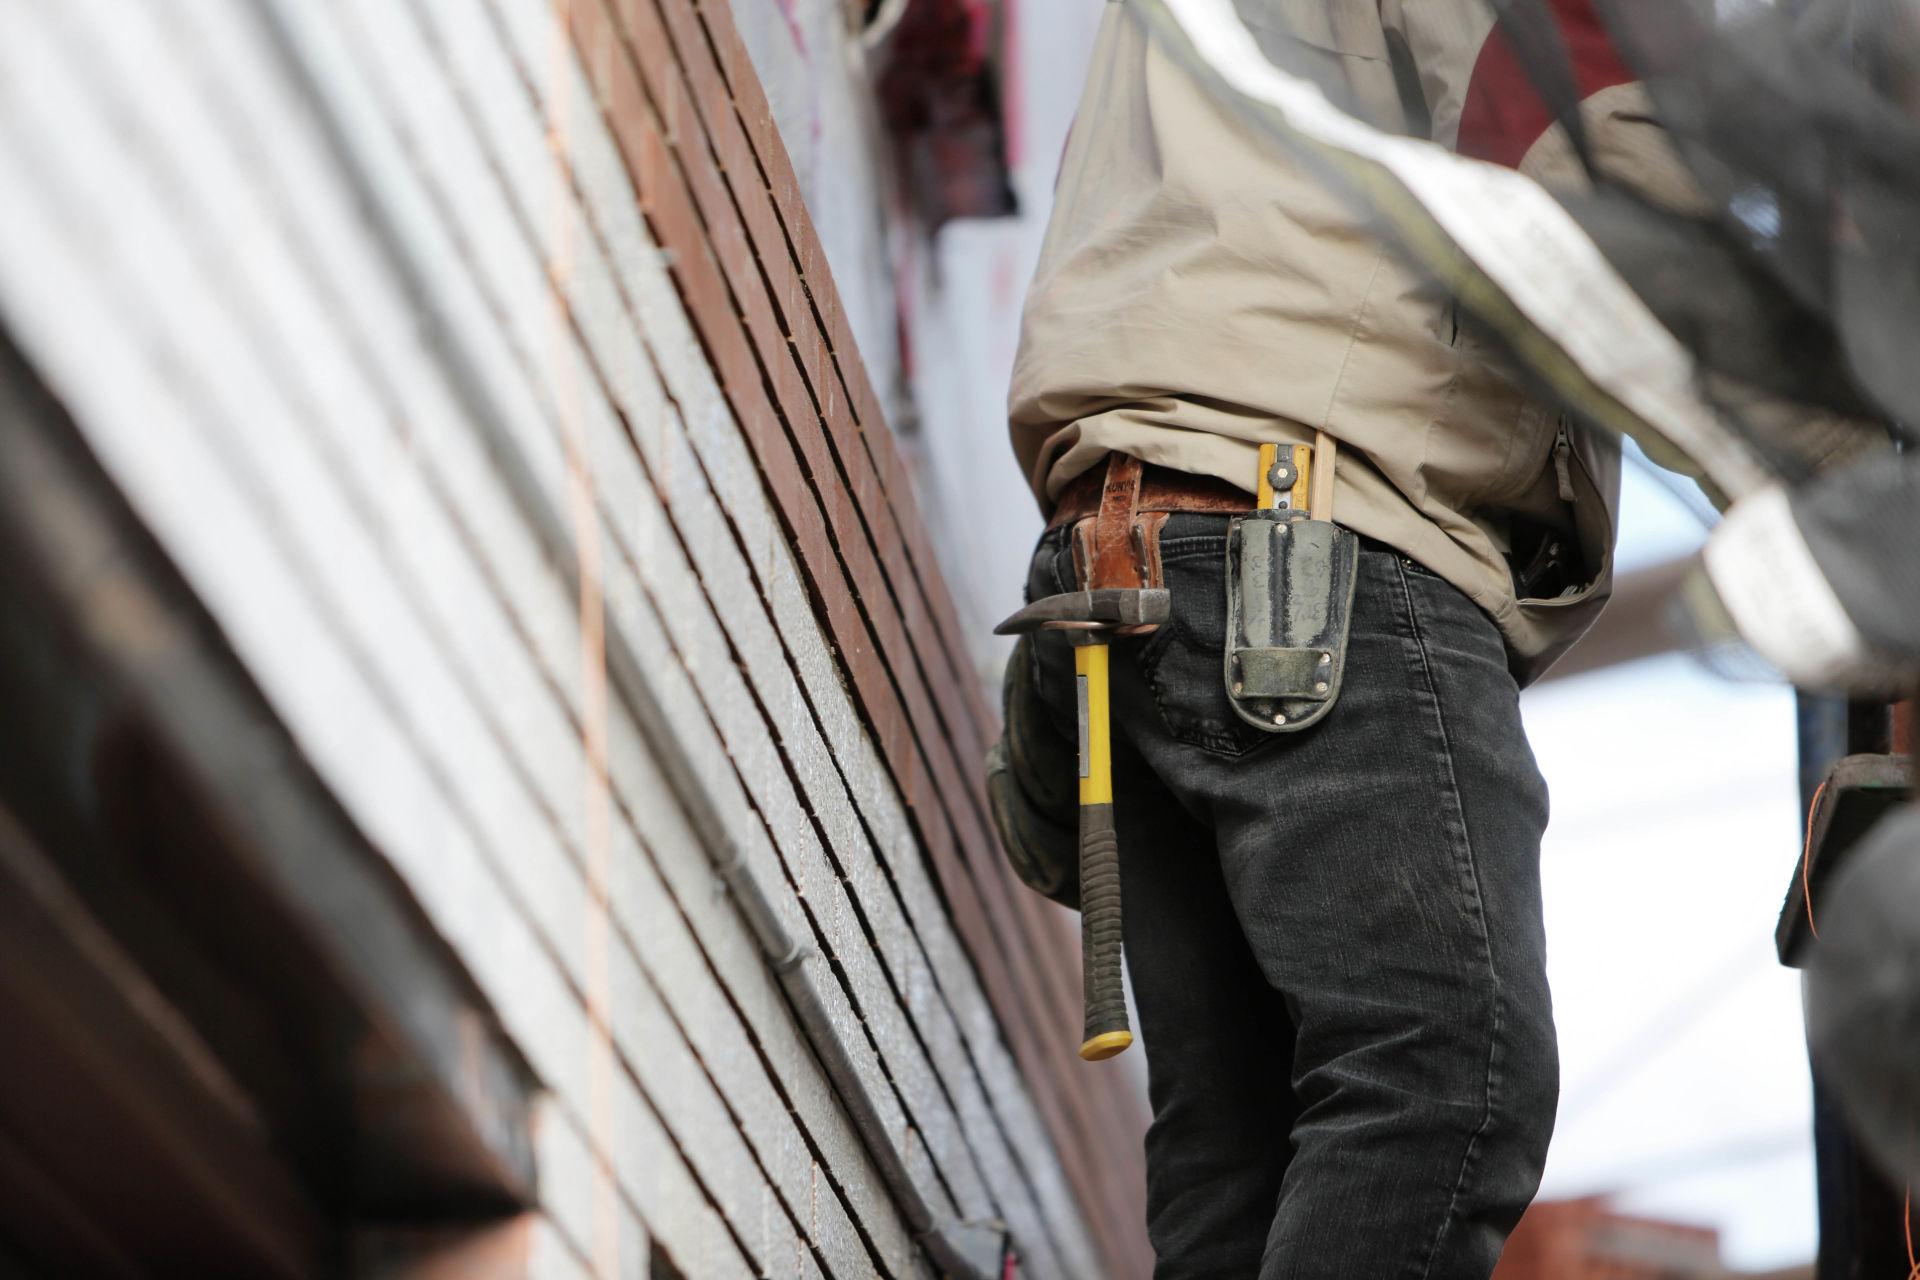 Annual Rhode Island Home Maintenance Checklist